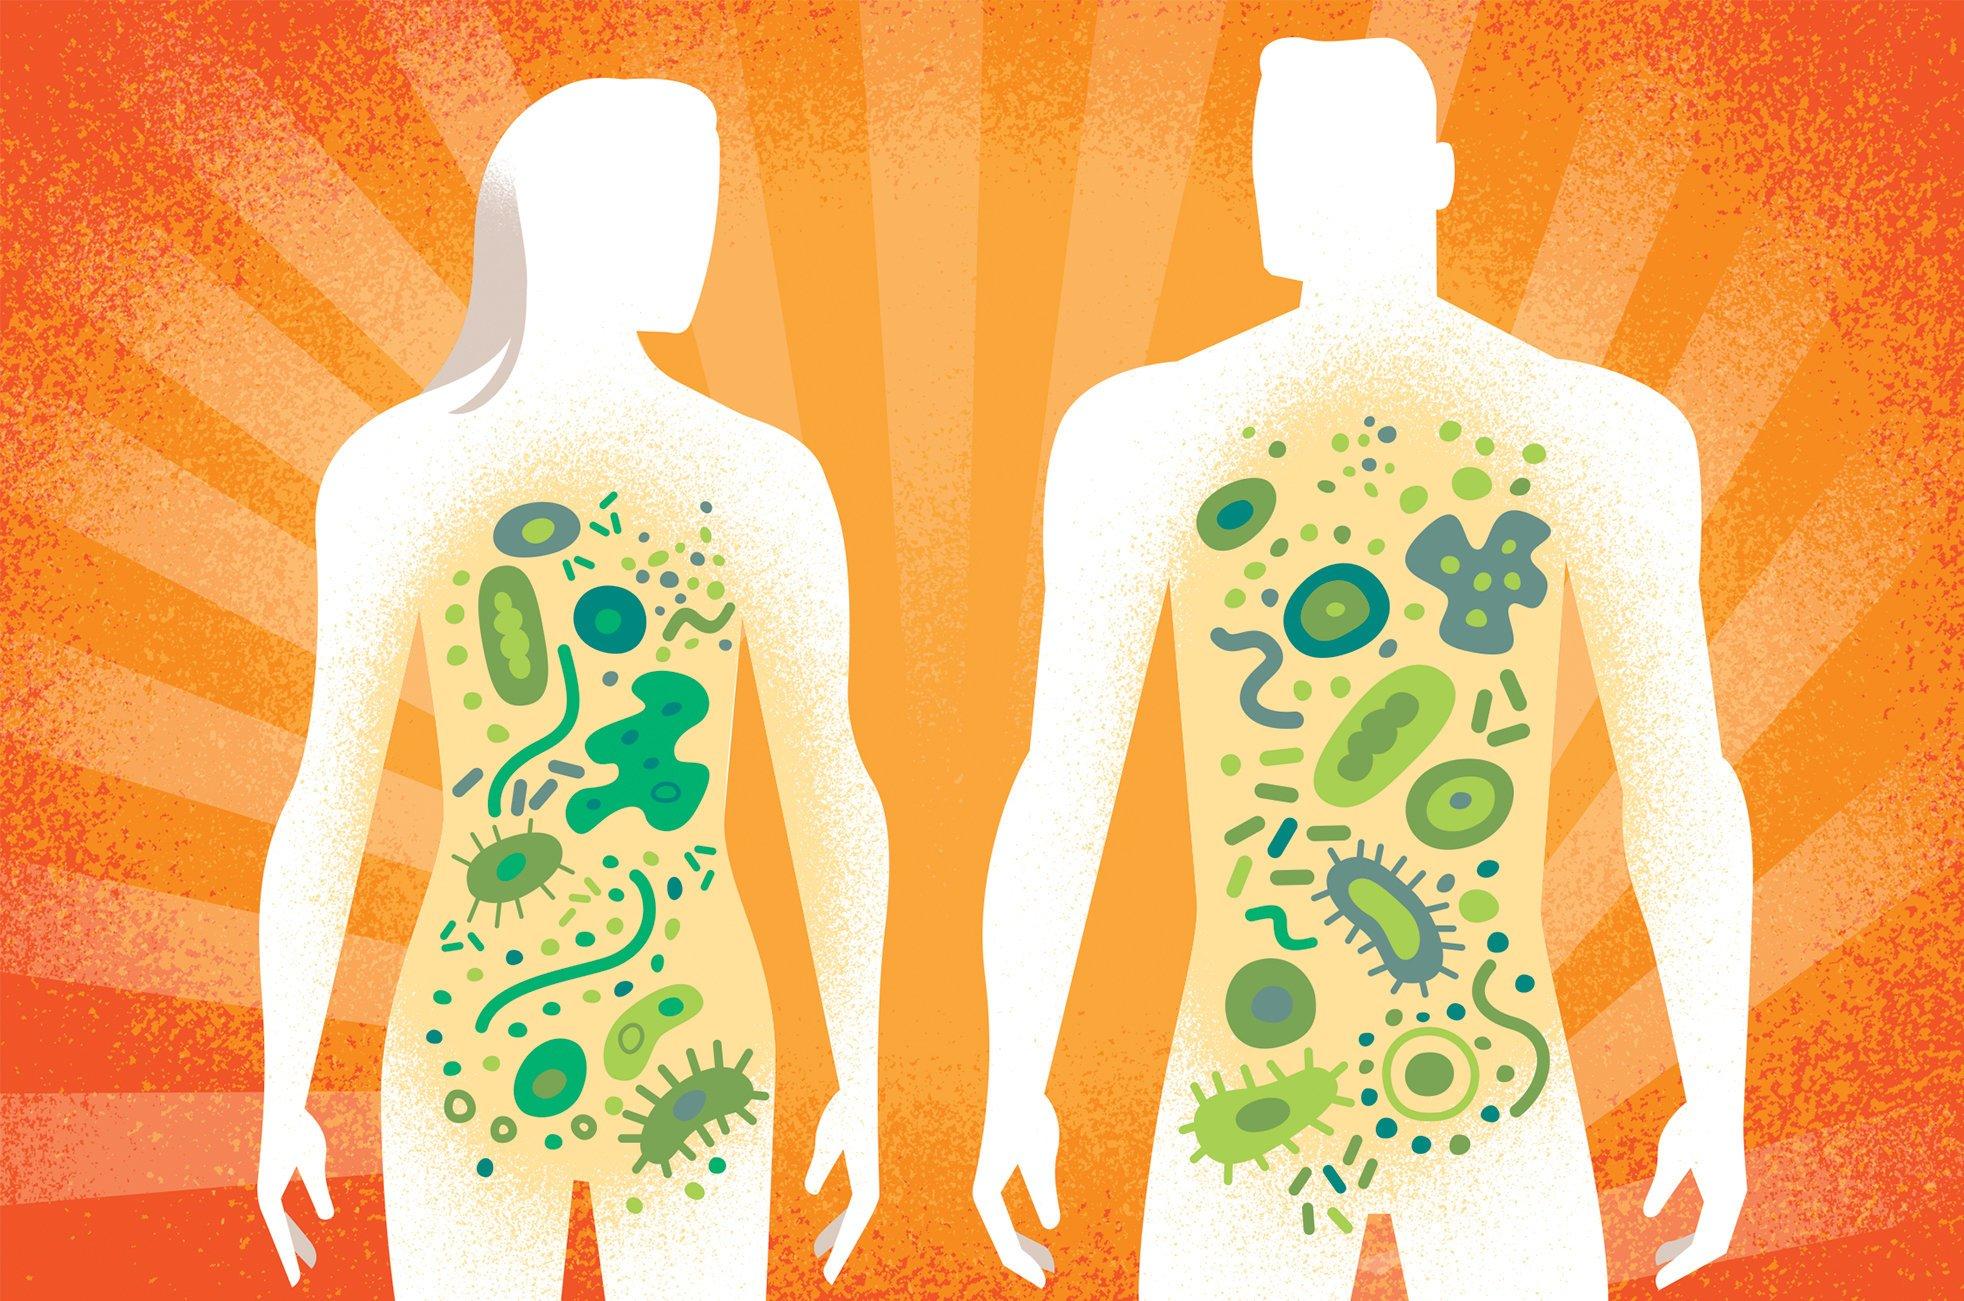 Genetika vagy életmód: Mi formálja a mikrobiom világunkat?